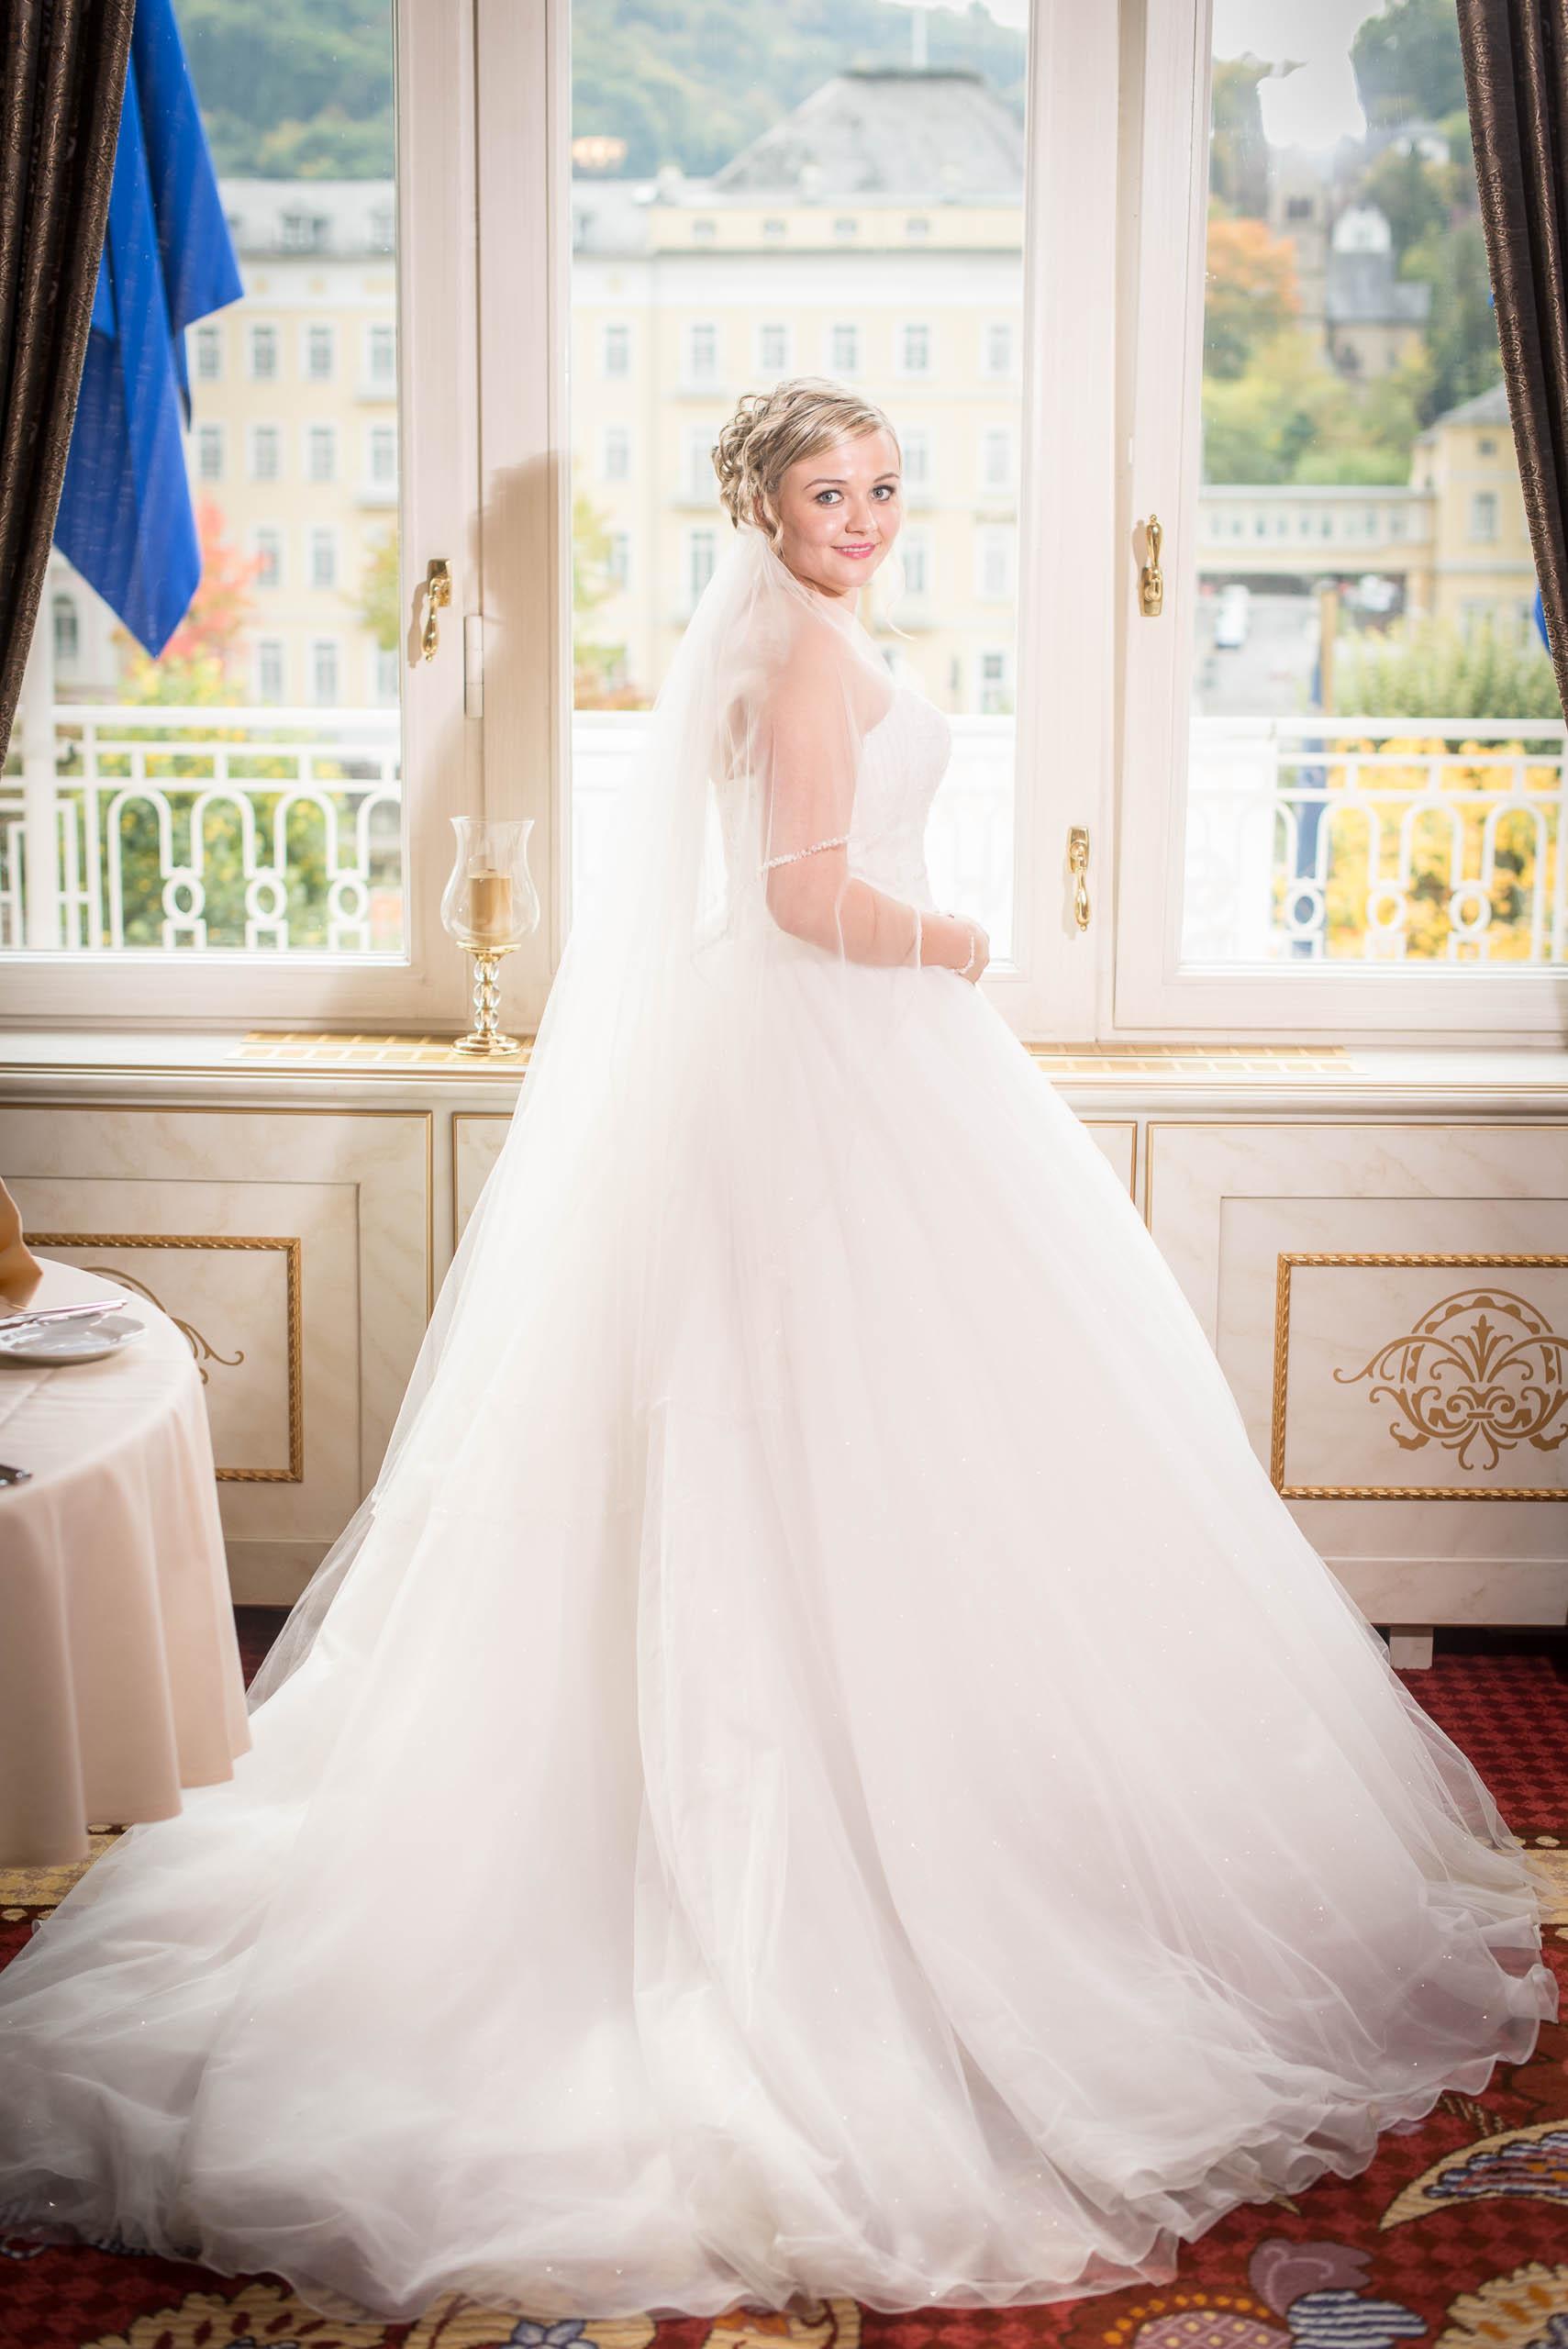 Braut lächelt in die Kamera. Nach dem Getting ready. Steht am Fenster. hochzeitsvideo hochzeit filmen lassen hochzeitsvideo koeln